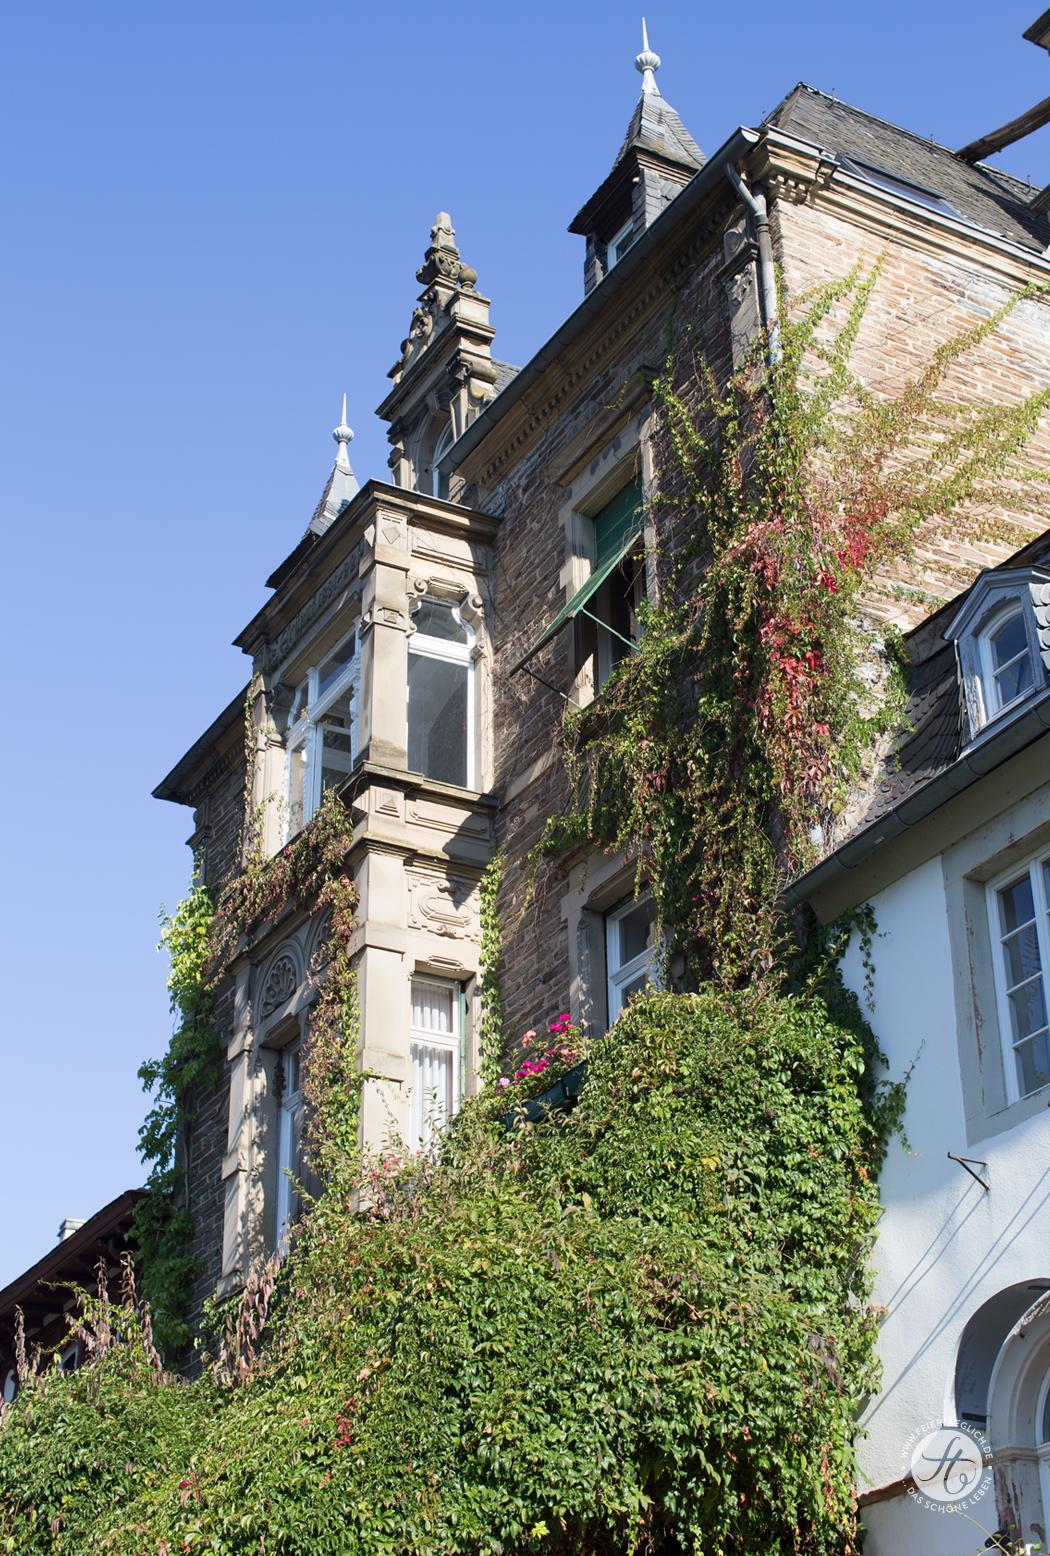 Jugendstil Architektur in Traben-Trarbach